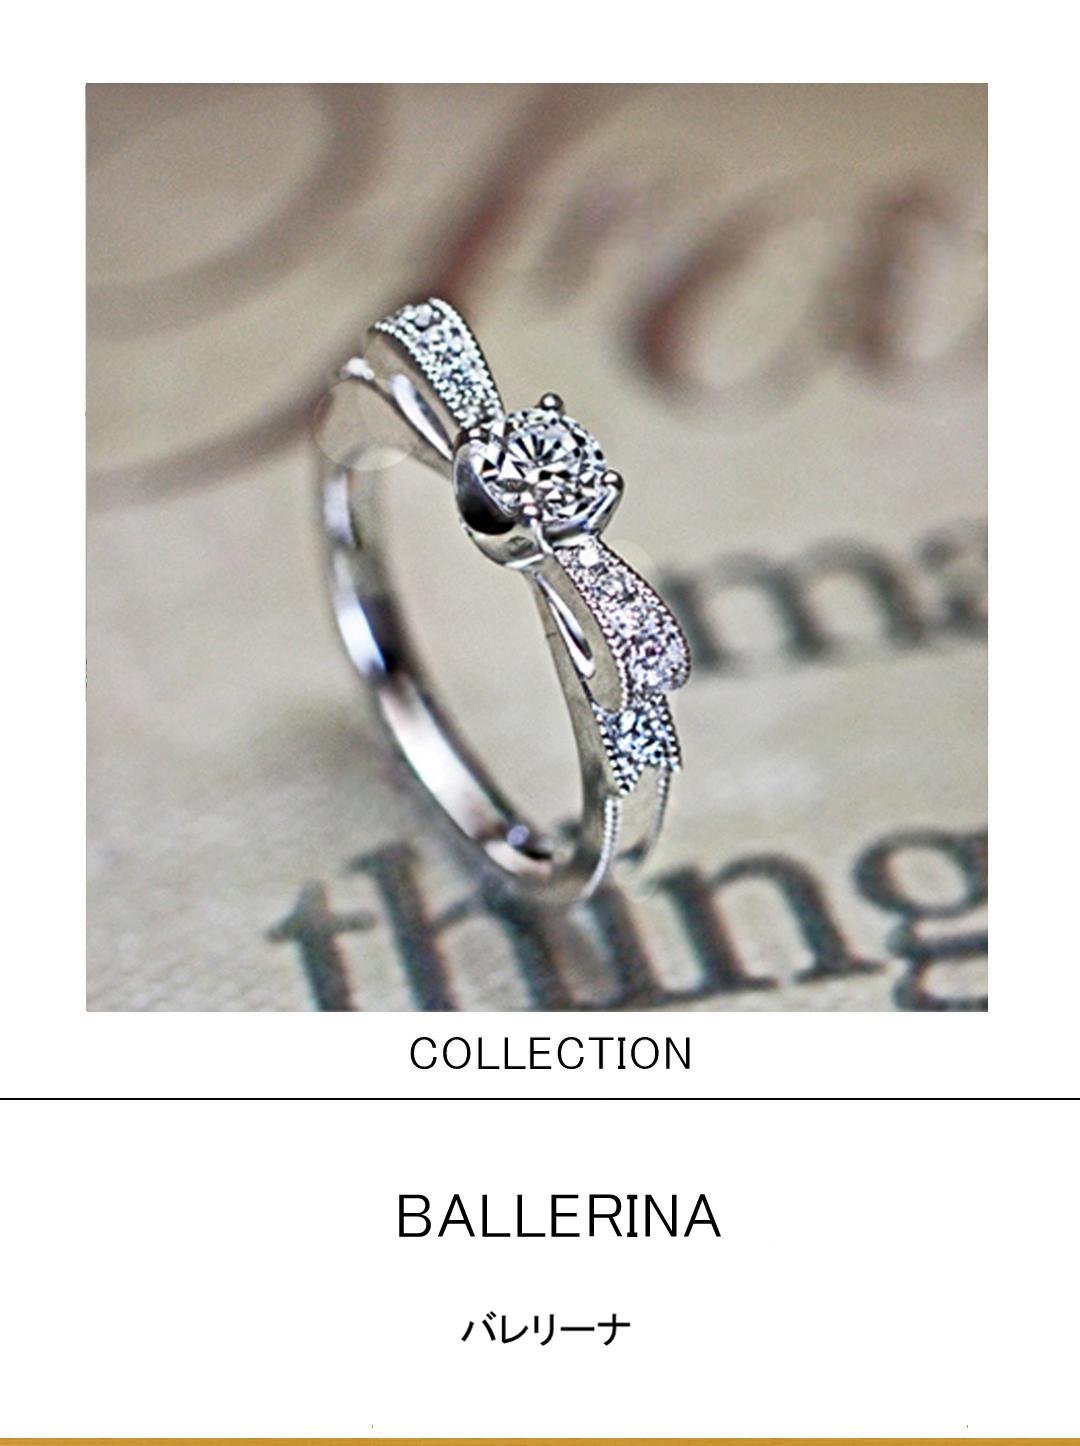 バレリーナのトゥーシューズリボンをデザインしたプラチナ婚約指輪のサムネイル